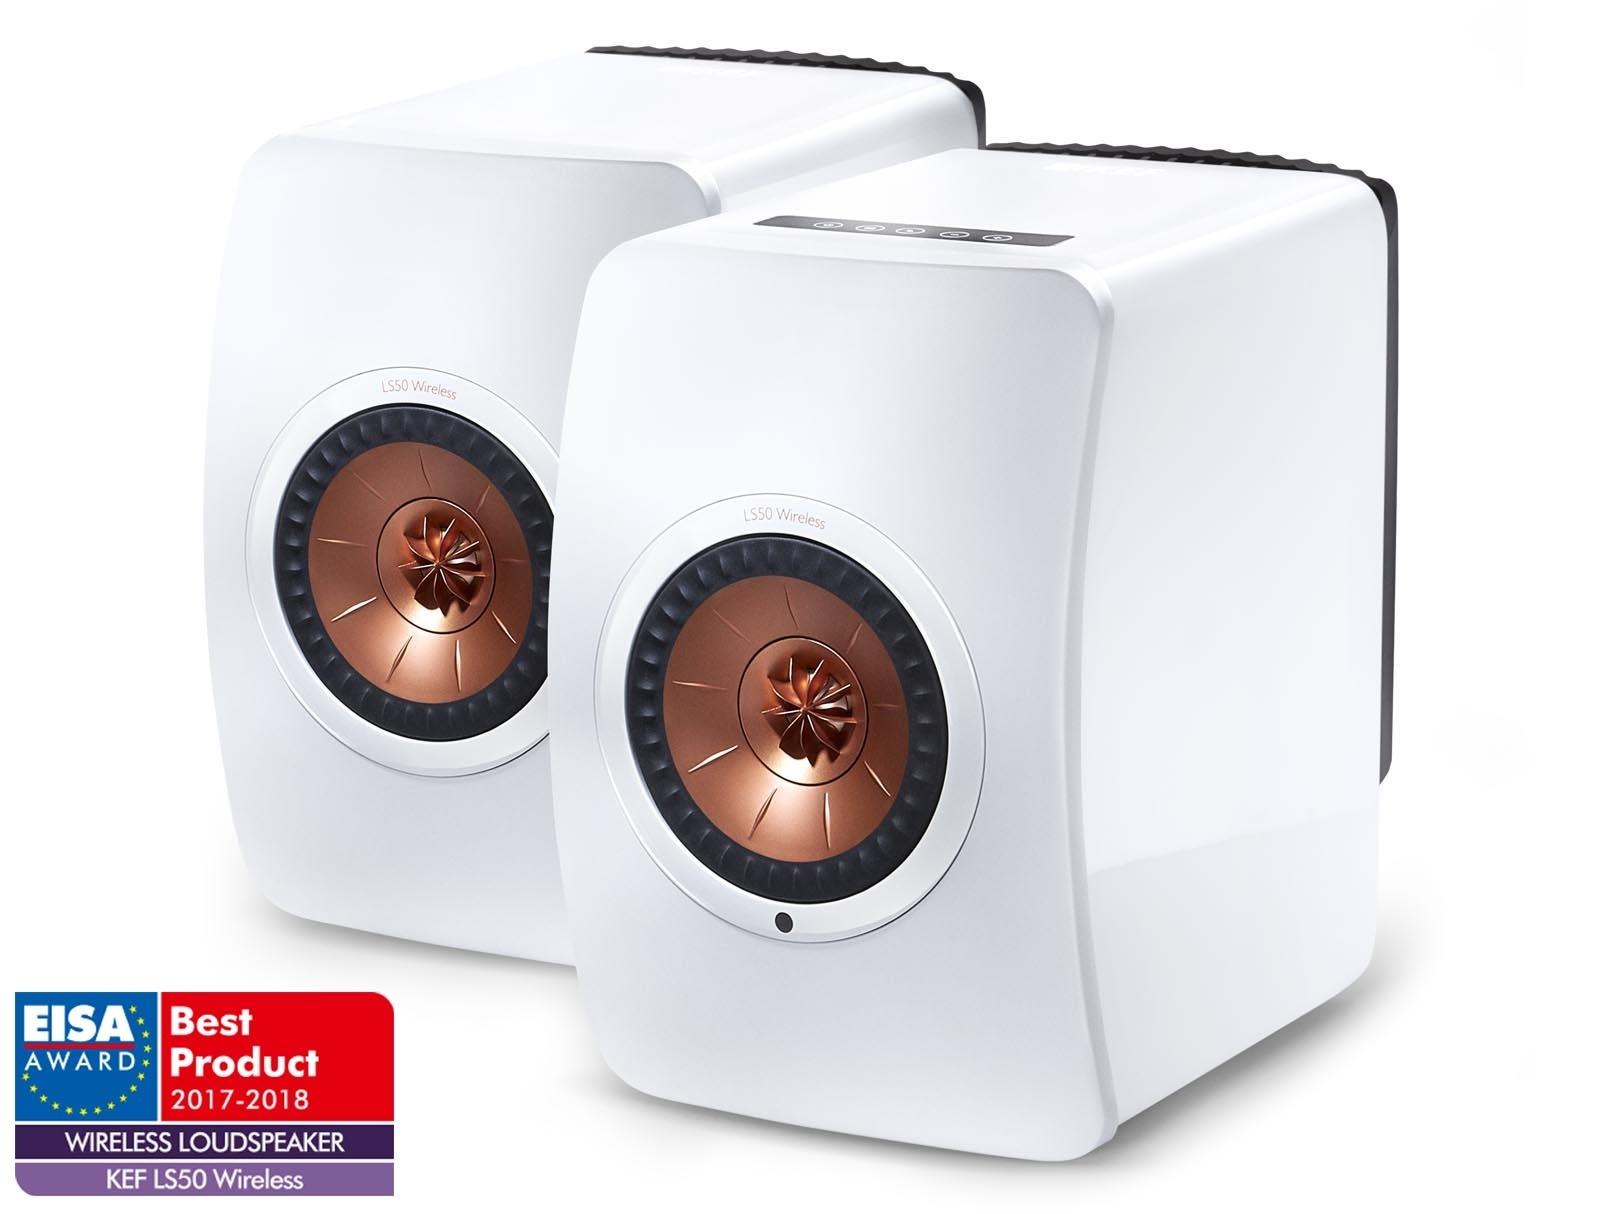 KEF LS50 Wireless Barevné provedení: bílé